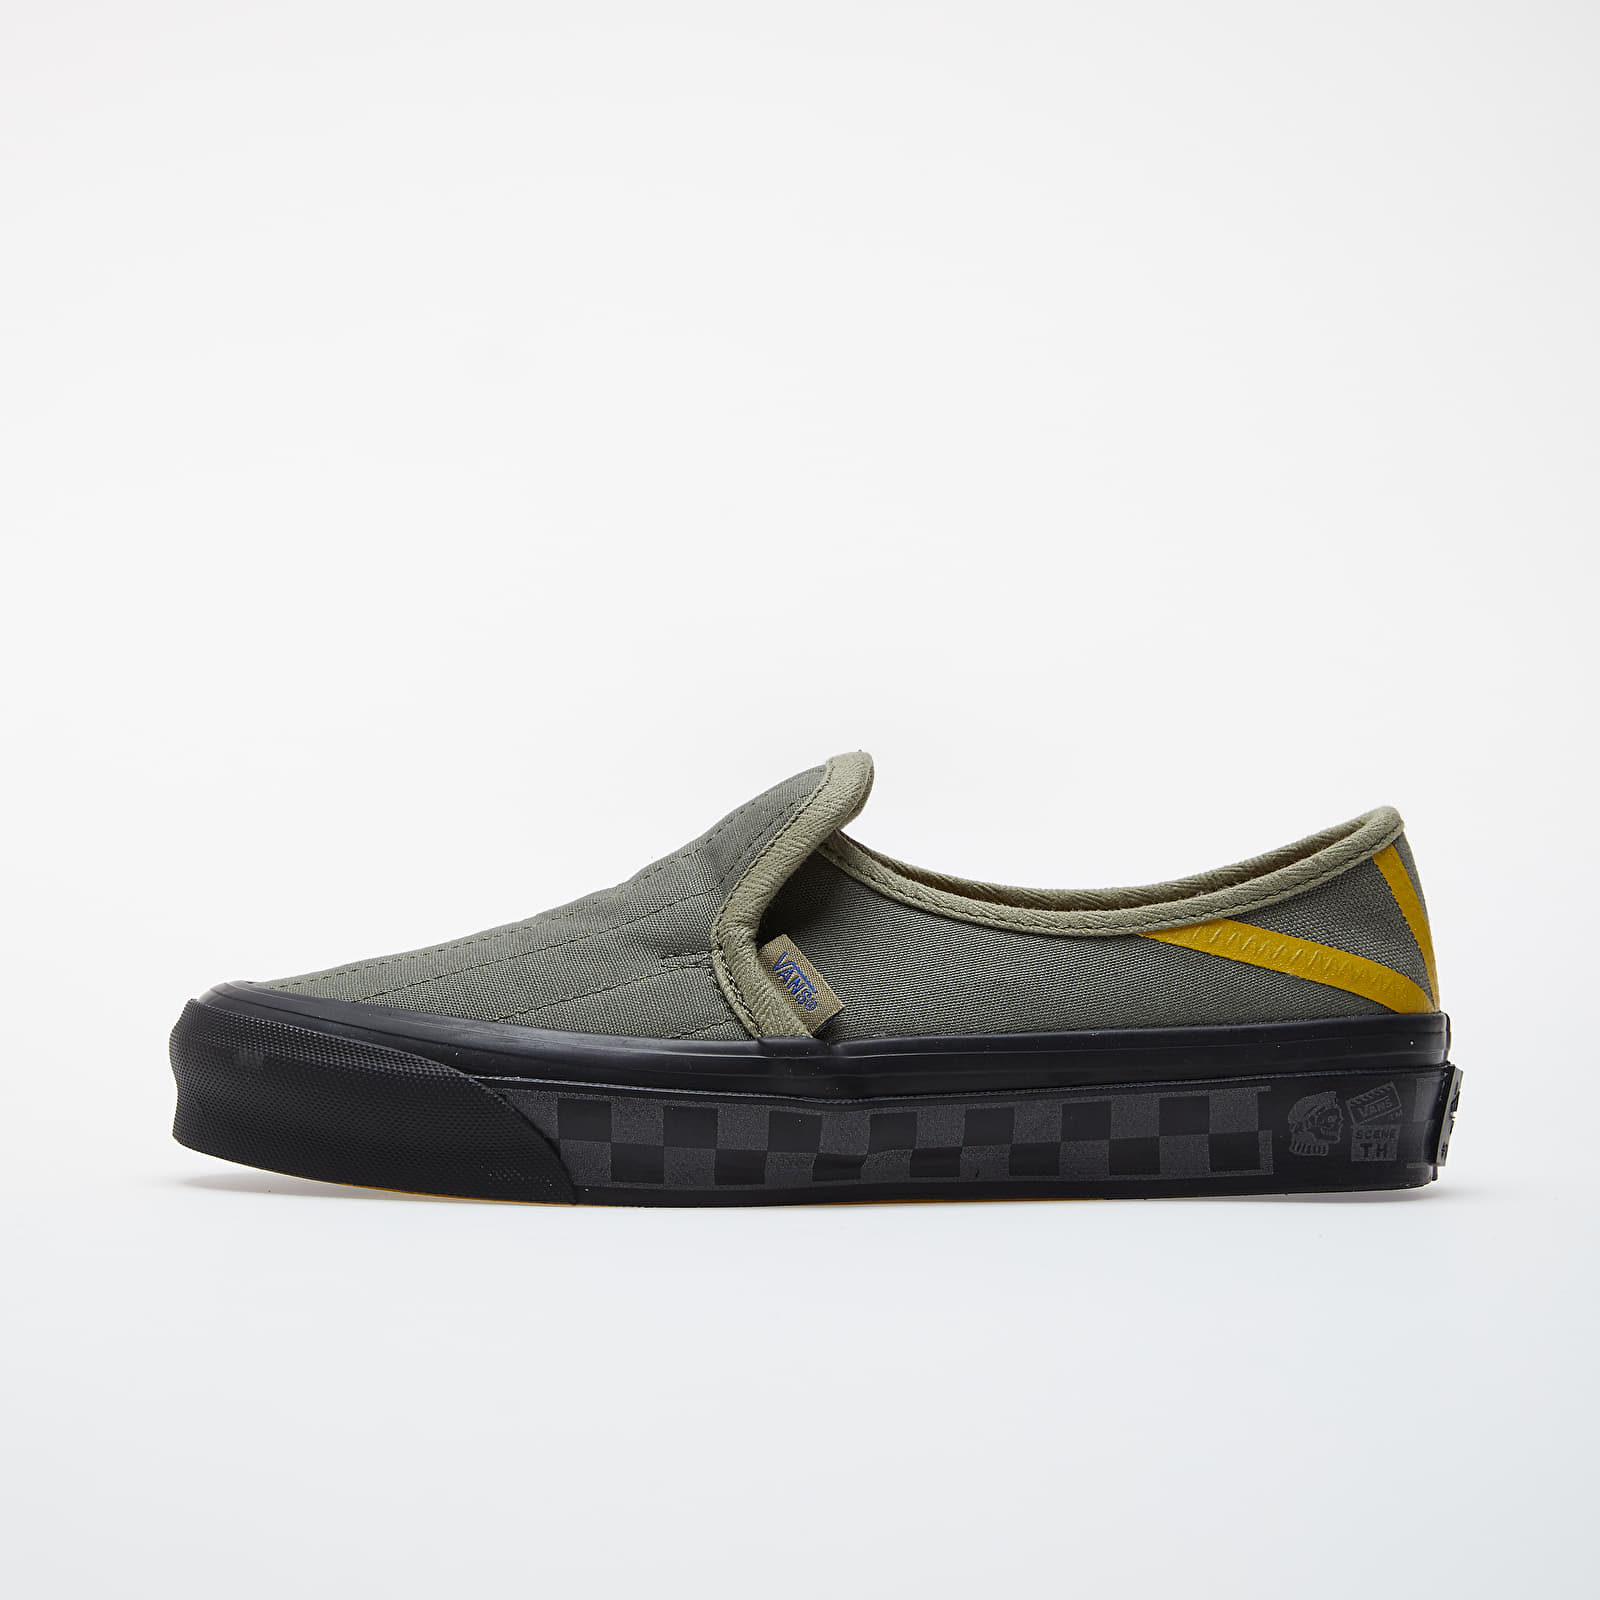 Men's shoes Vans x Taka Hayashi Style 47 LX (Canvas) Dusty Olive